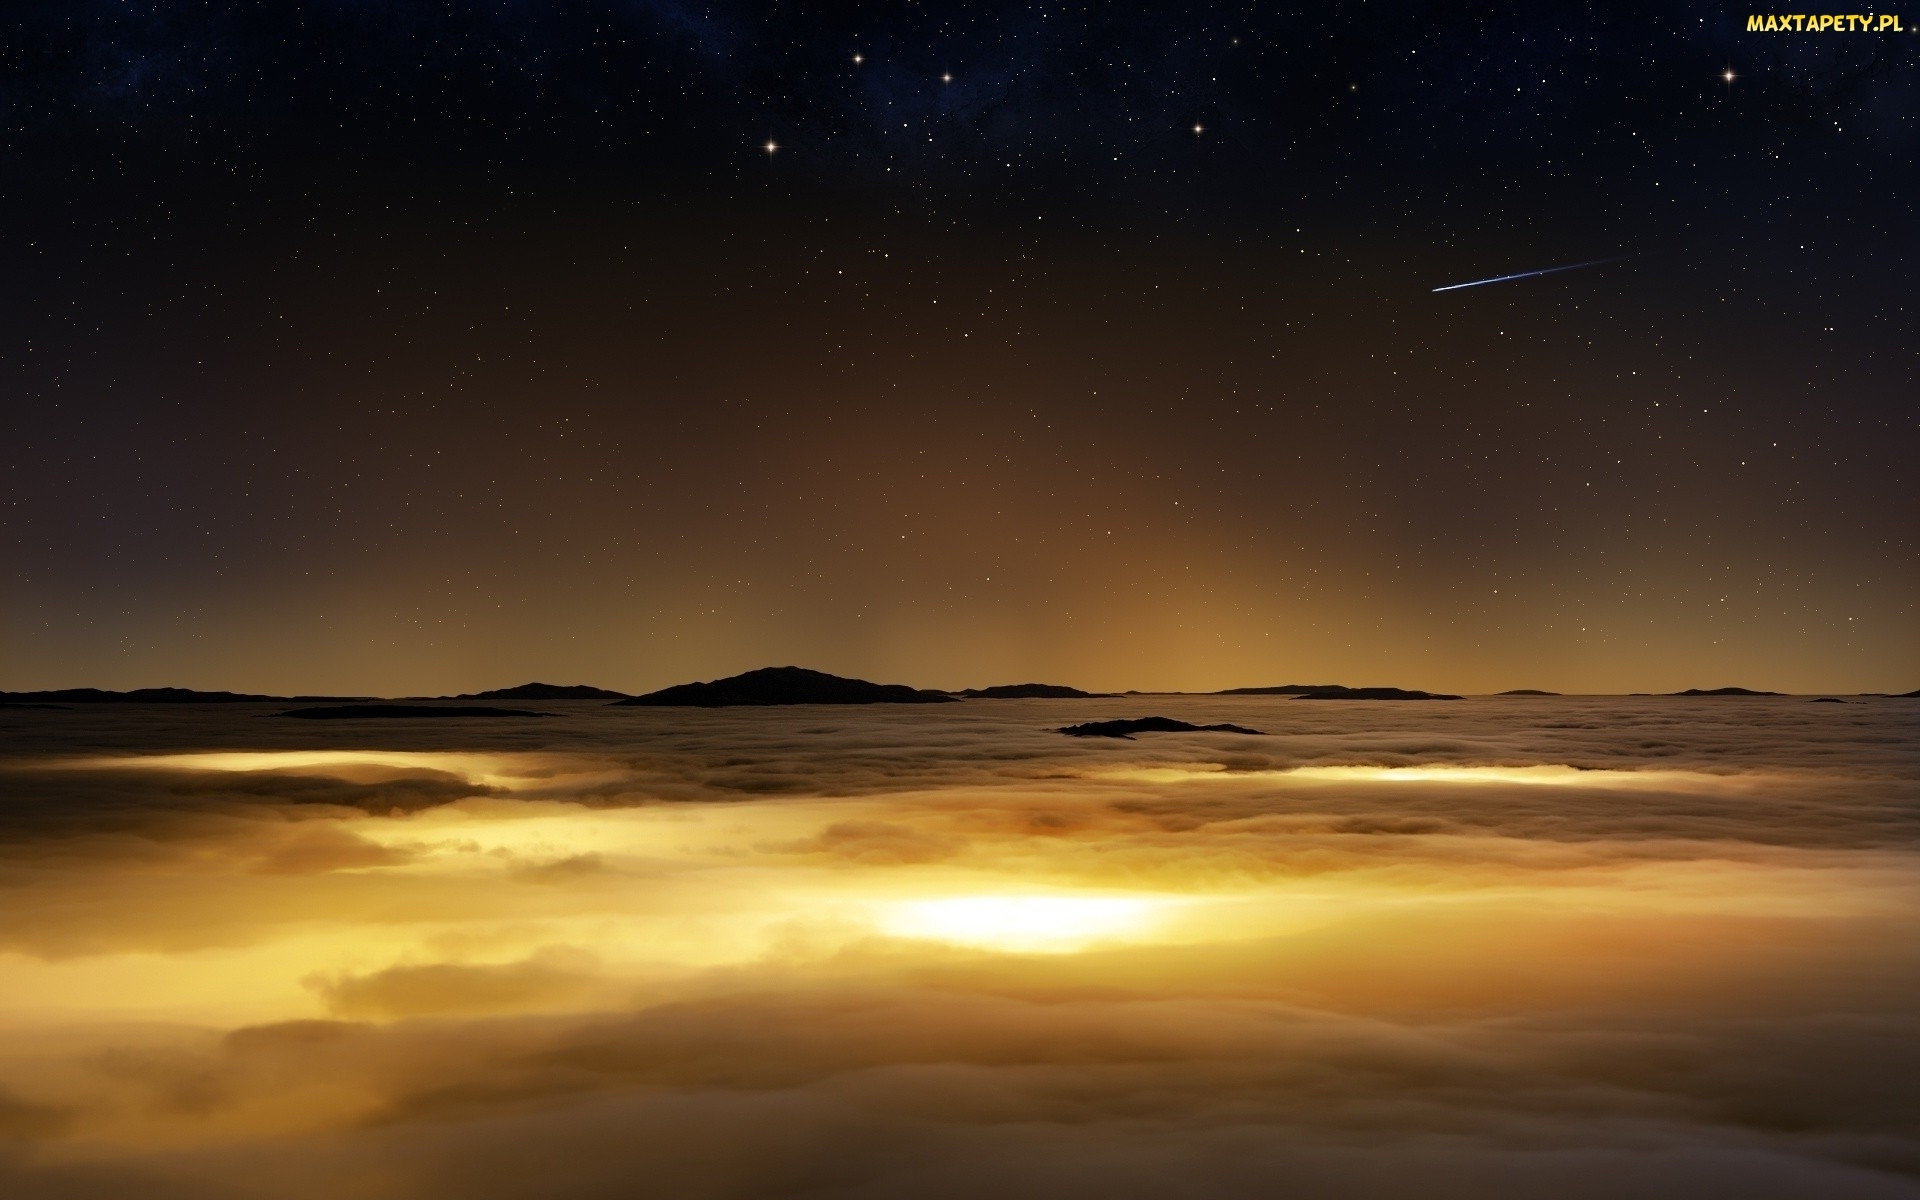 Chmury, Rozgwieżdżone, Noc, Niebo